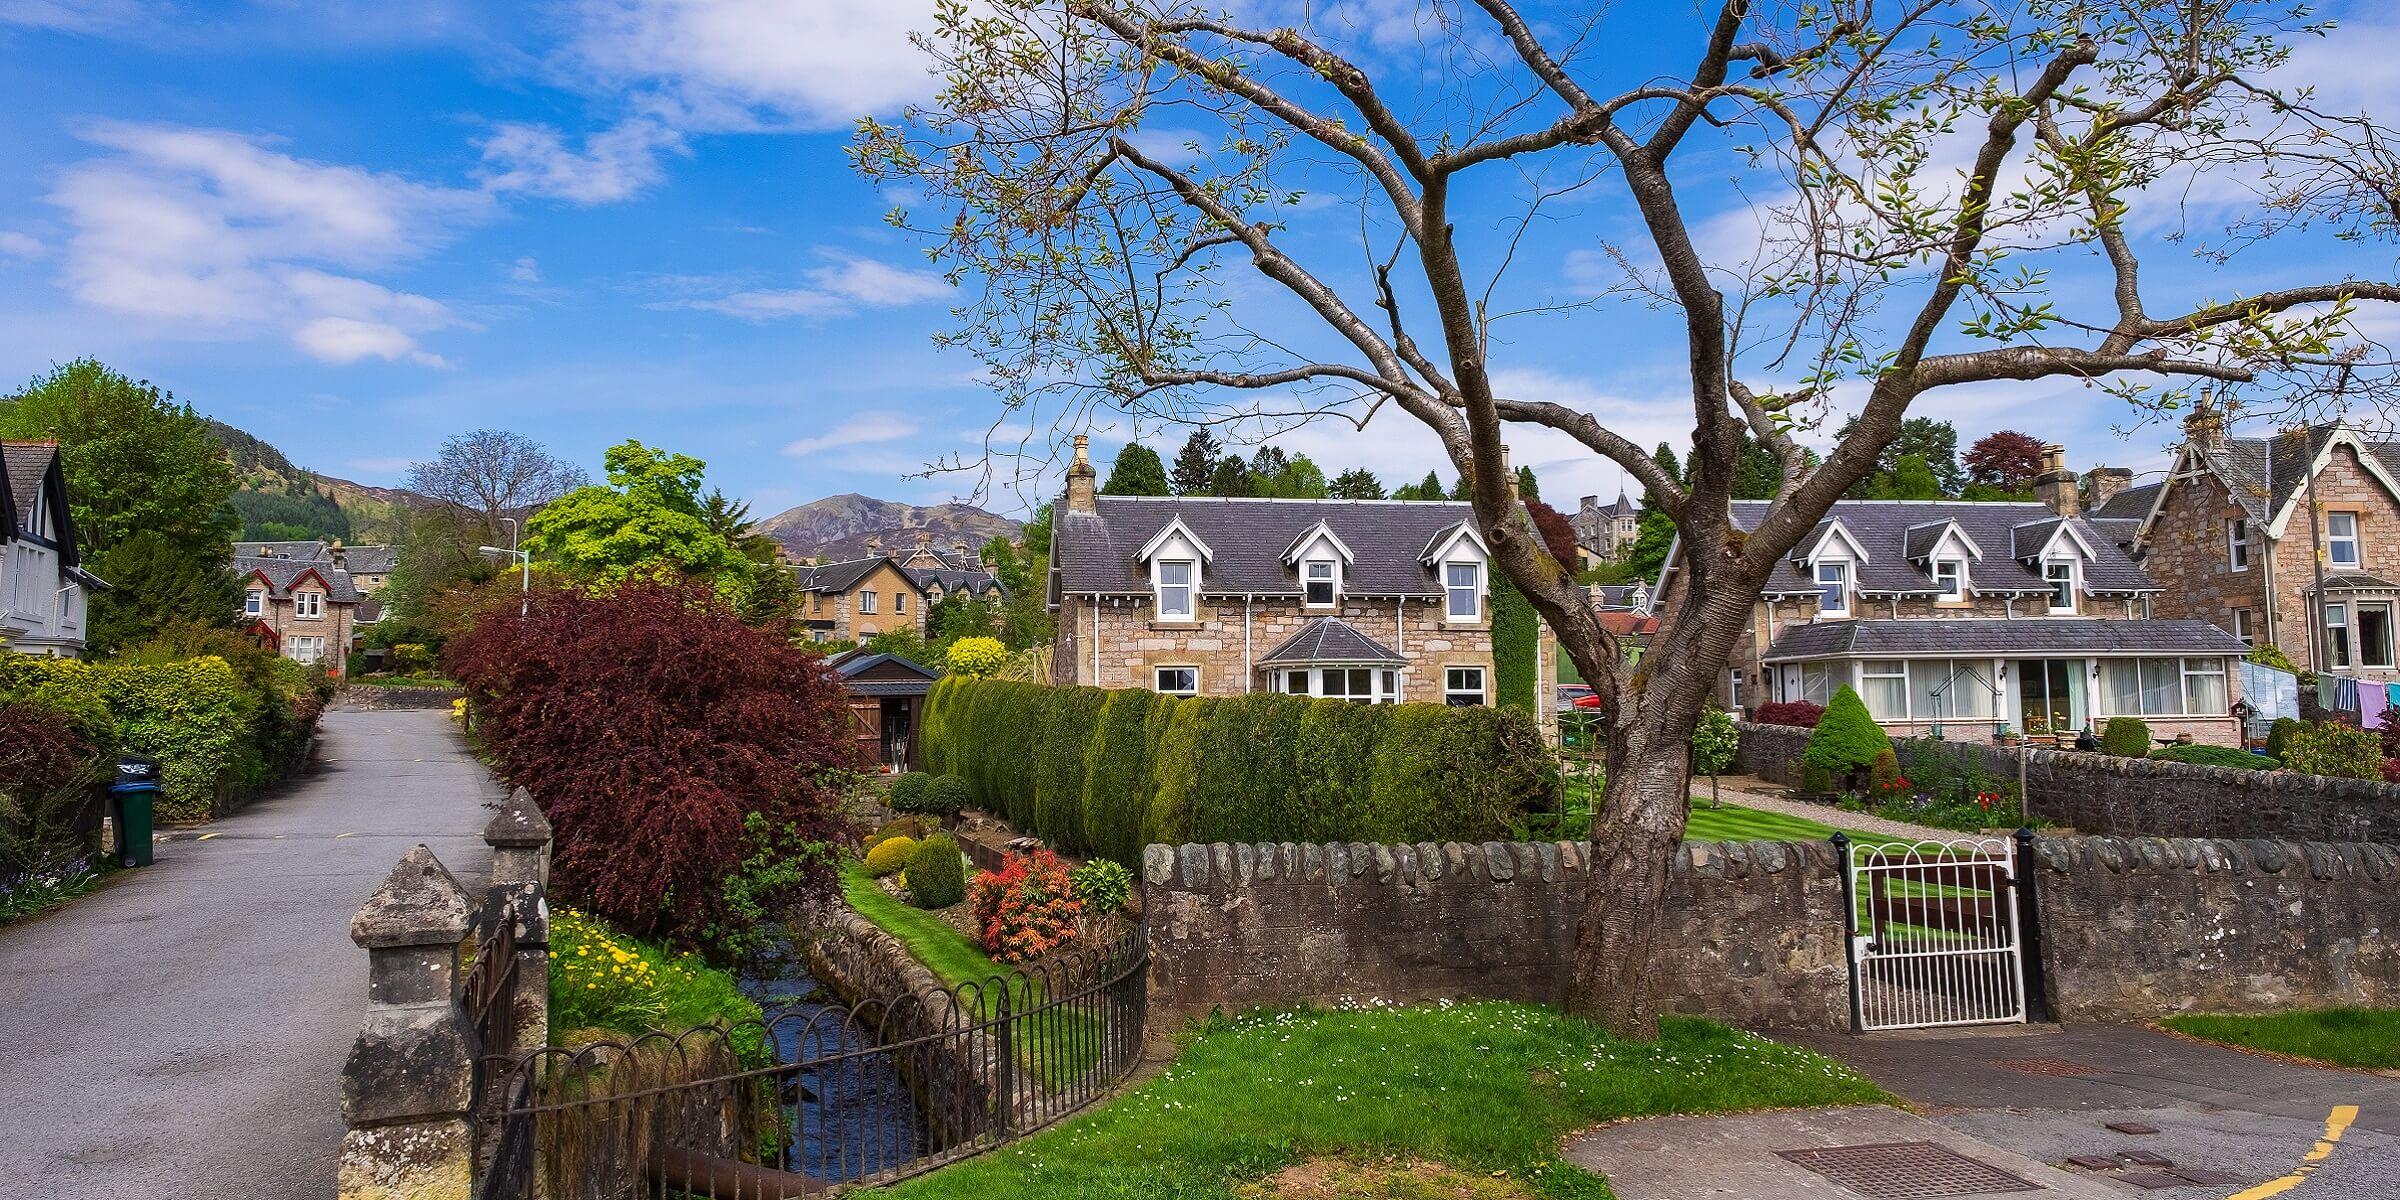 Pitlochry ist ein kleines Städtchen in Schottland, aber es ist wunderschön